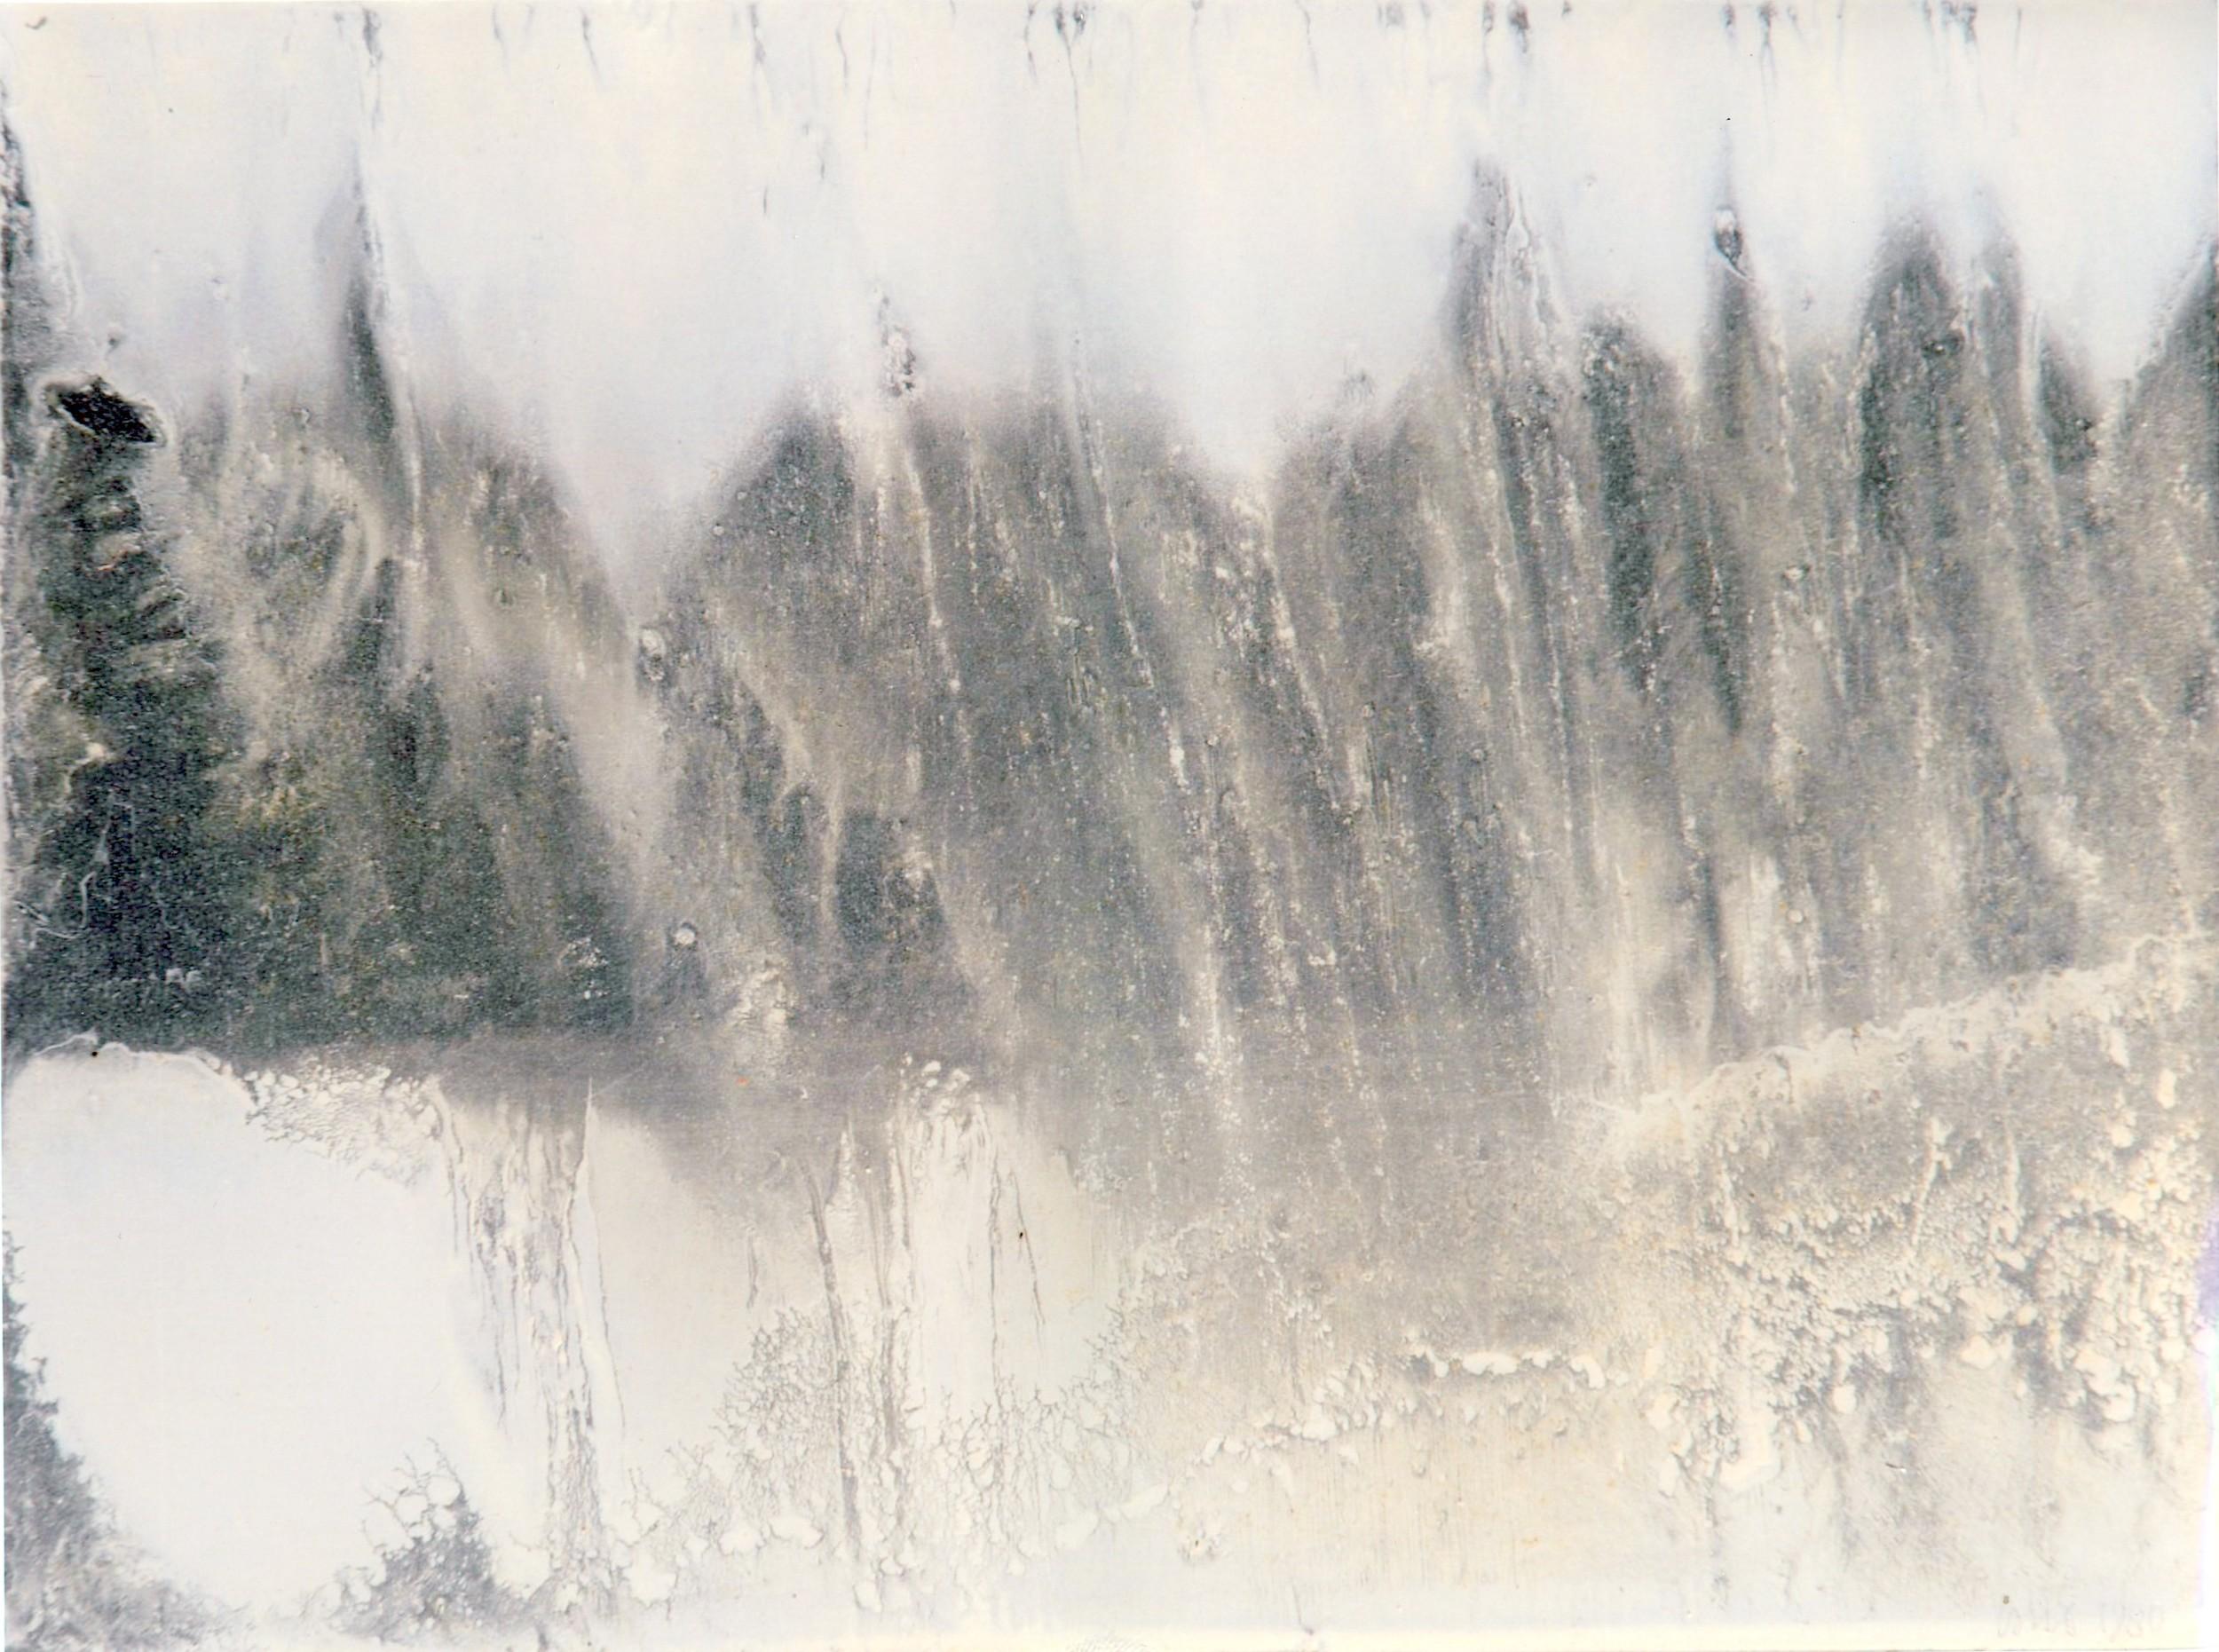 n.3,1980, dalla serie 'Le quattro stagioni', olio su lastra d'alluminio, cm 18x 24  n.3,1980, from the series 'Le quattro stagioni', oil on aluminium plate, cm 18x 24